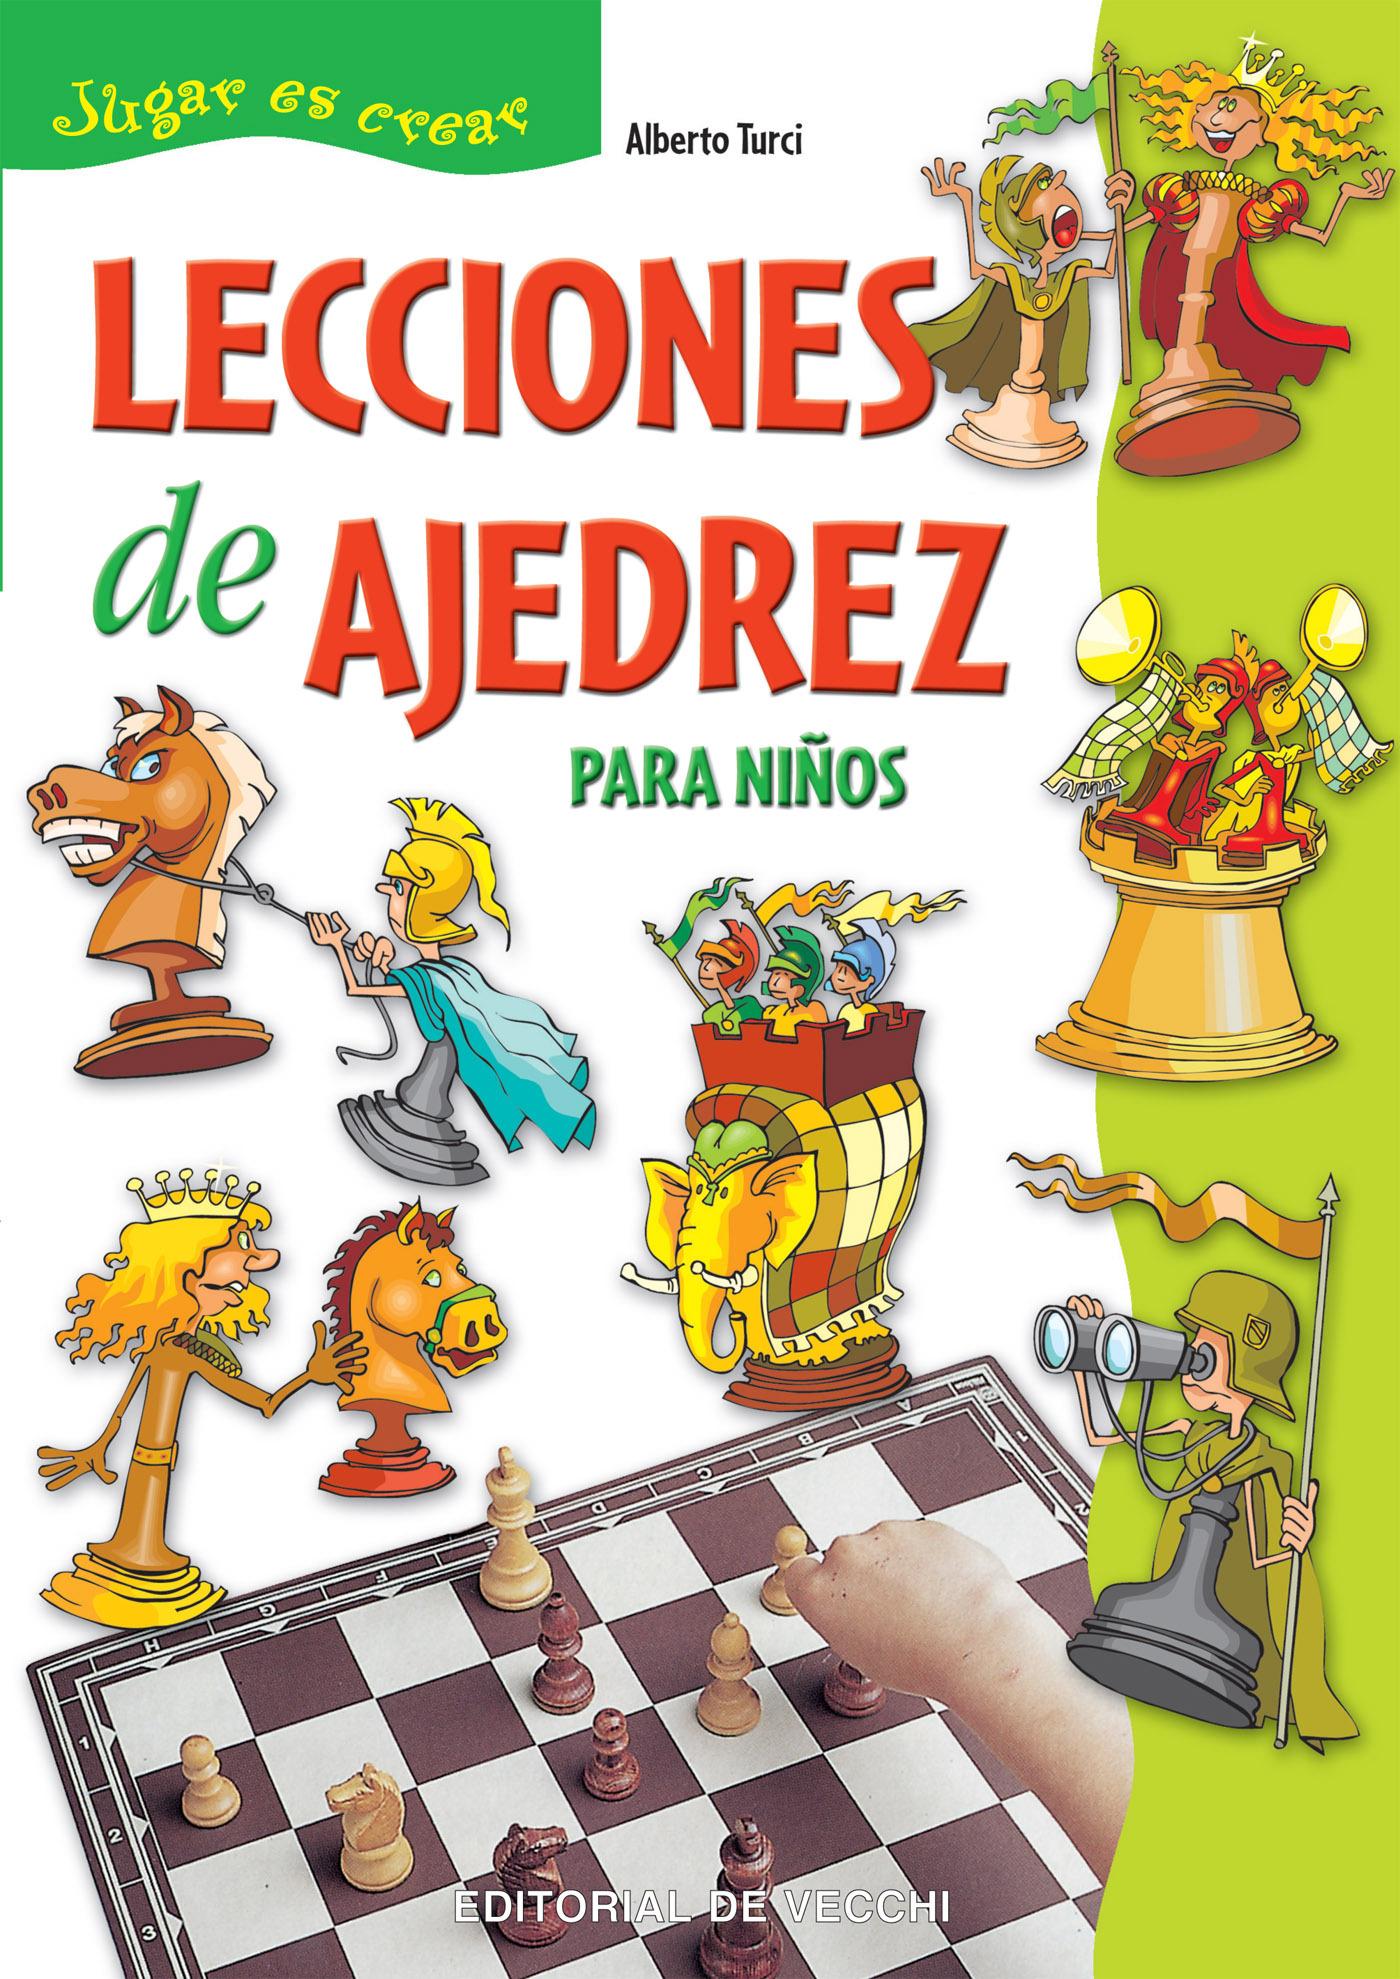 Turci, Alberto - Lecciones de ajedrez para niños, ebook